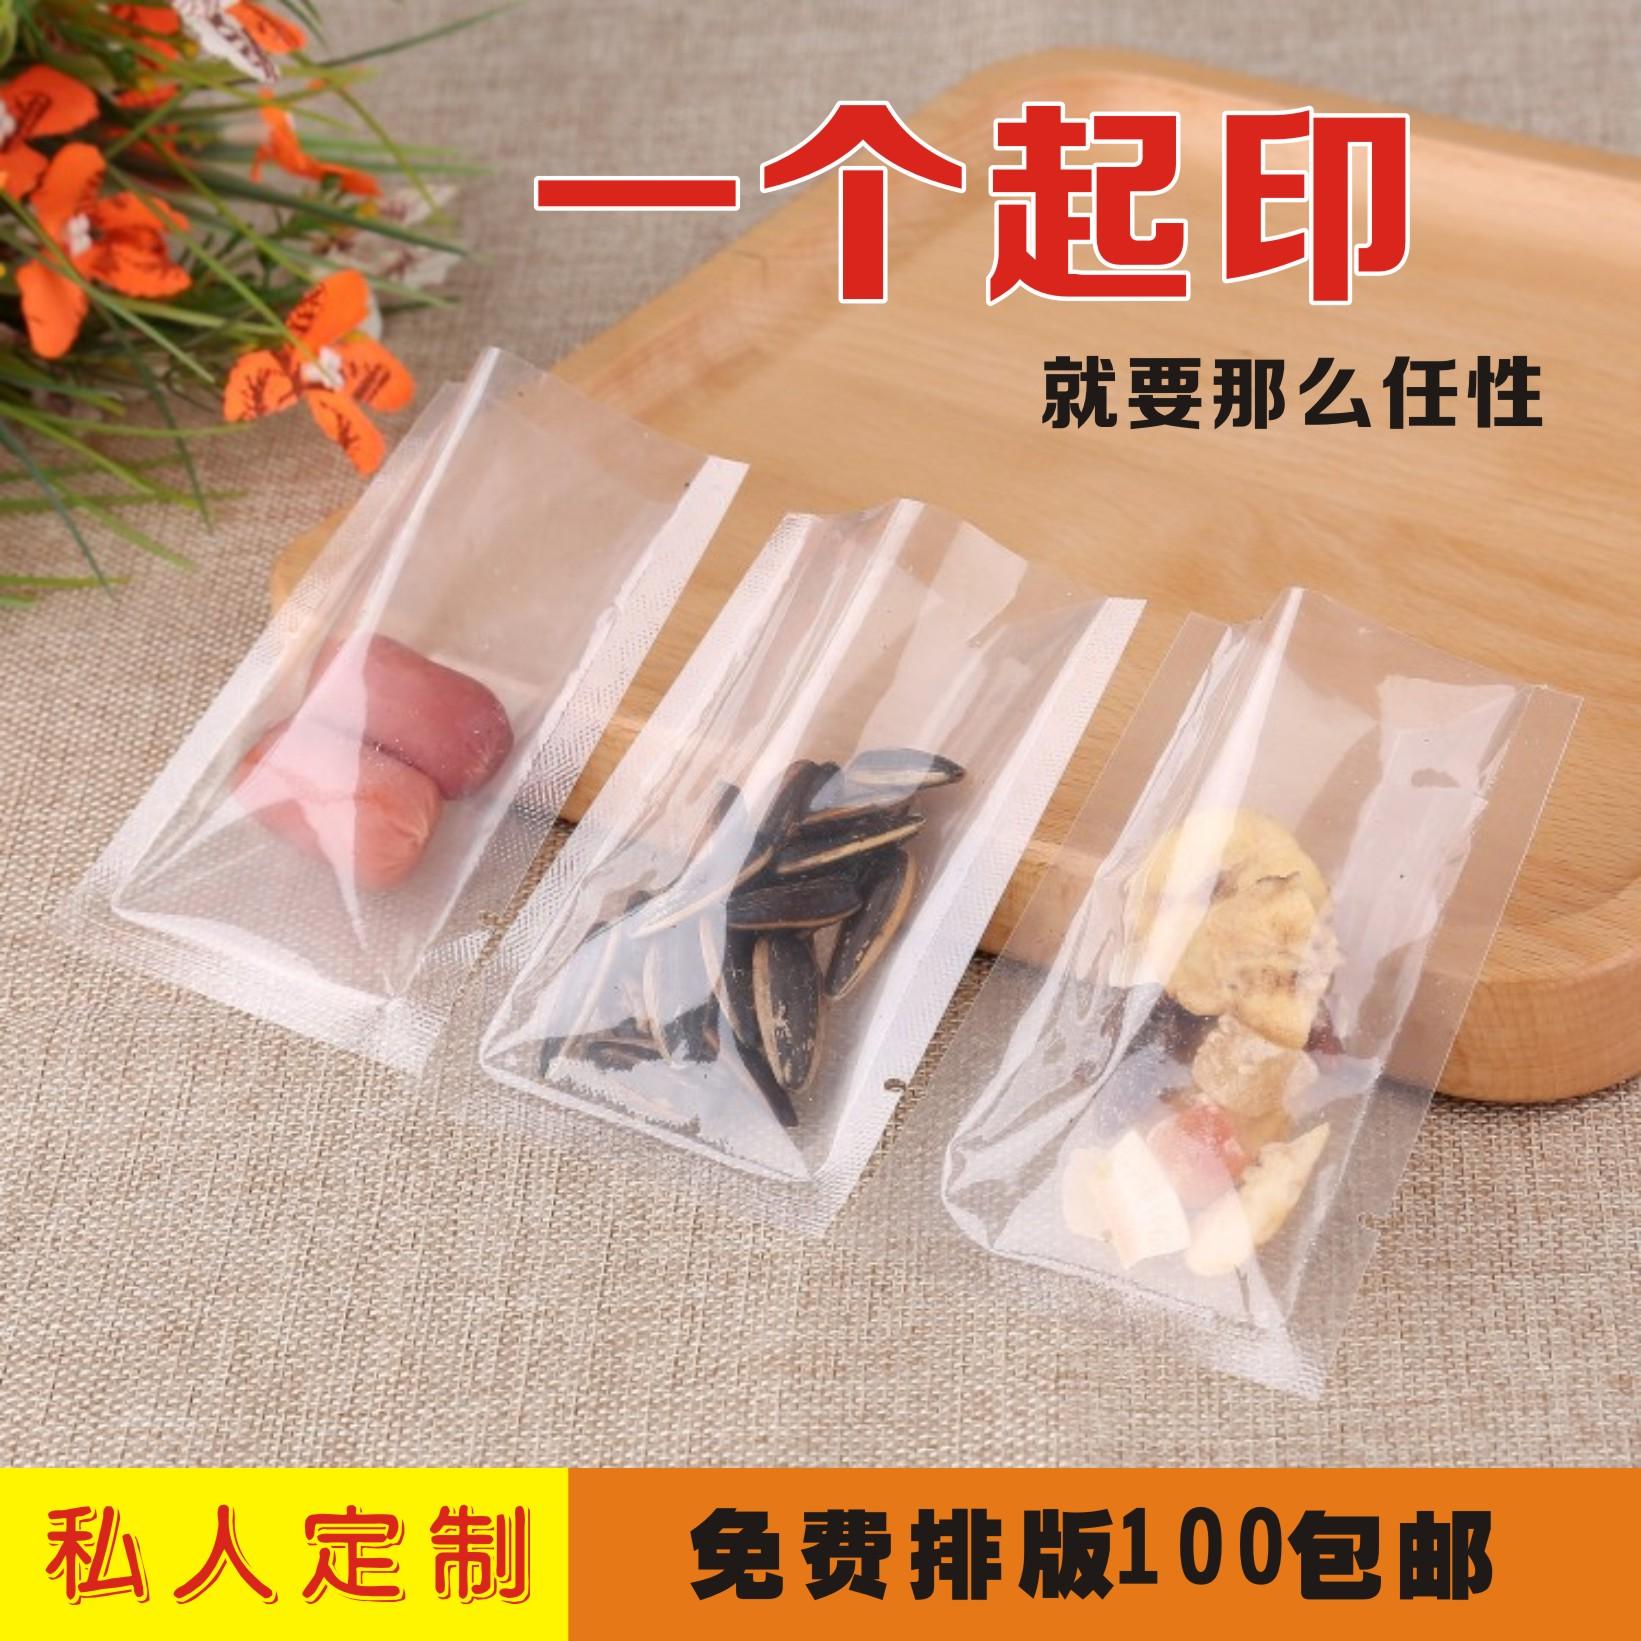 抽气食品袋透明真空包装袋食物保鲜熟食密封袋杂粮塑料真空袋定制